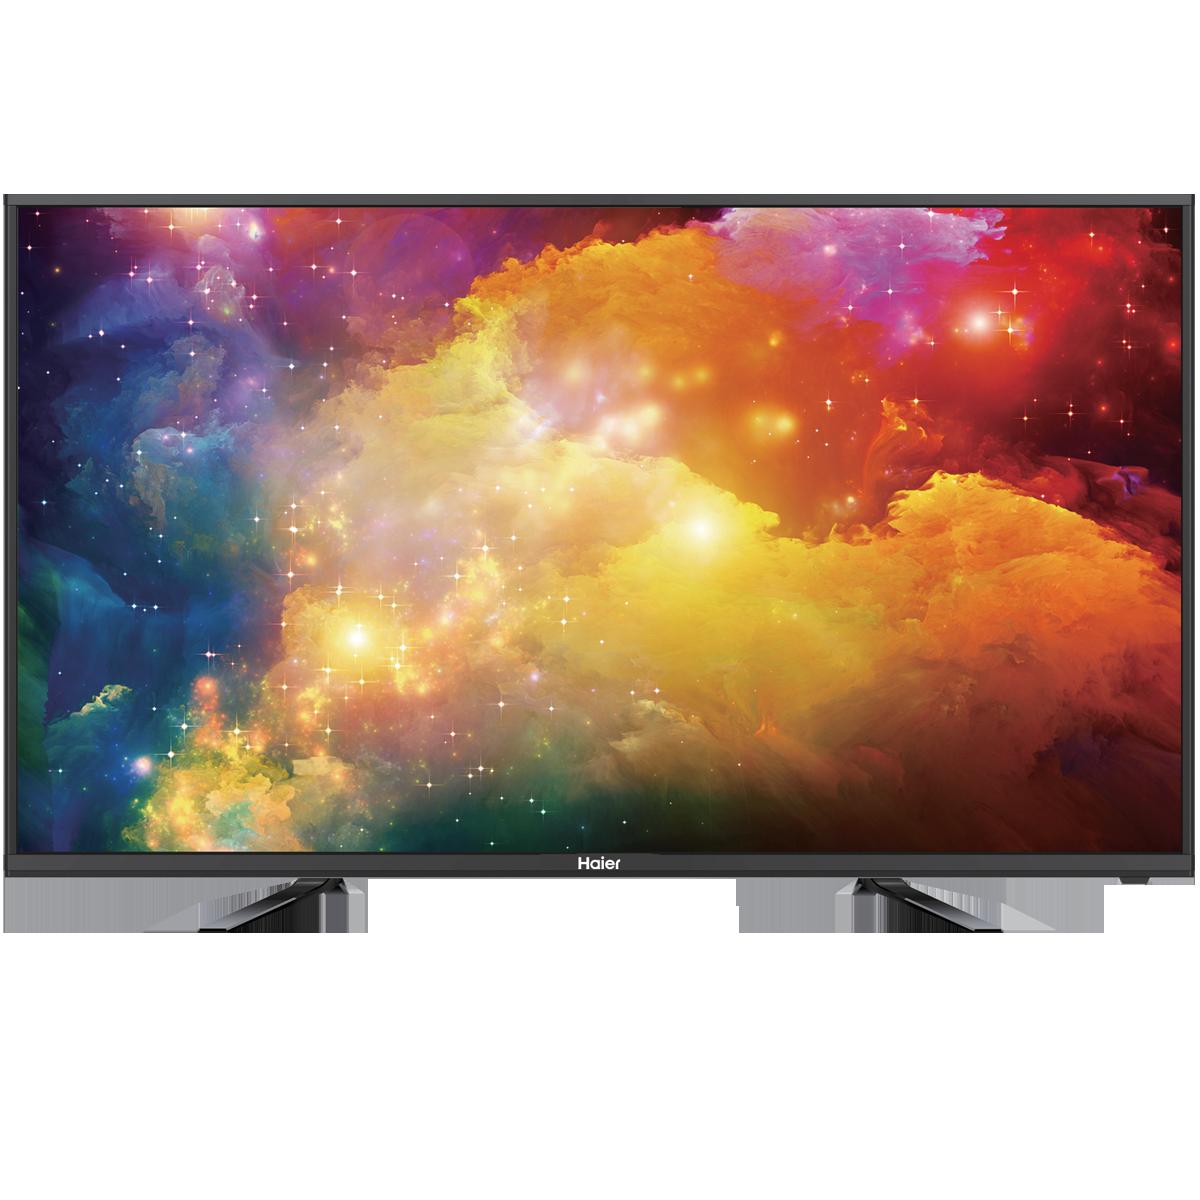 Cmc d stockage appareils lectrom nagers neufs de grandes marques prix - Vente flash televiseur ...